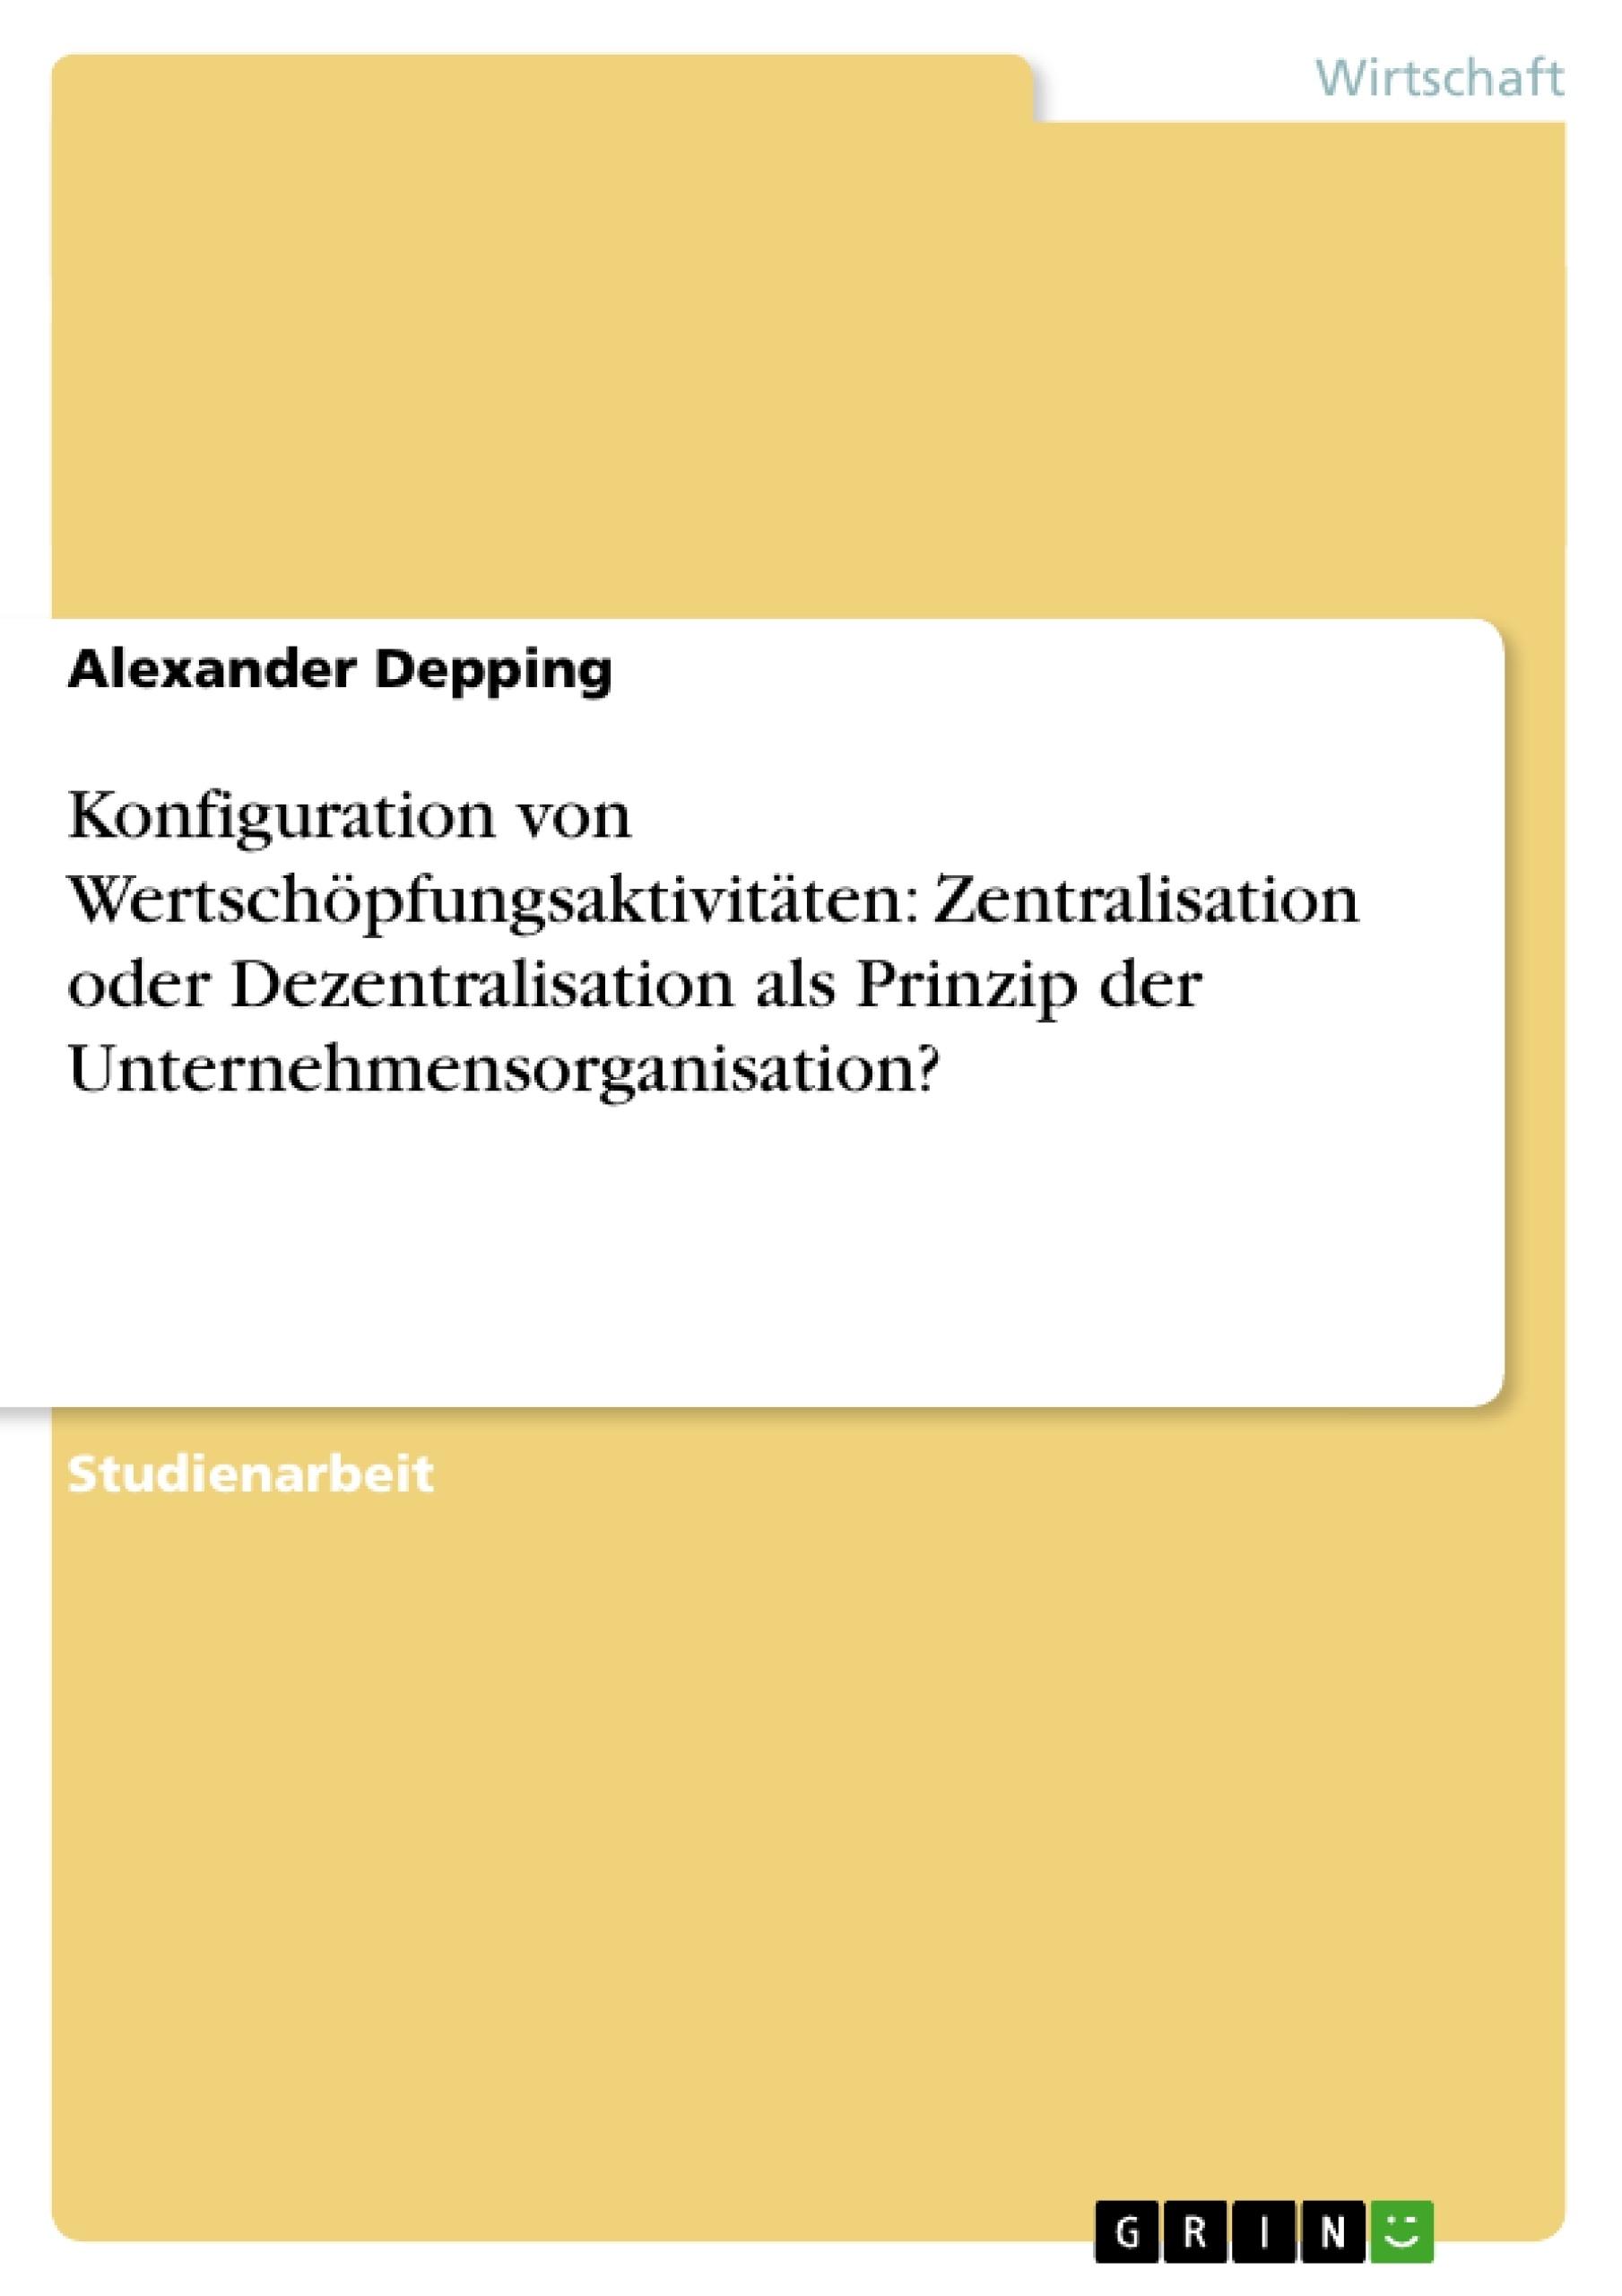 Titel: Konfiguration von Wertschöpfungsaktivitäten: Zentralisation oder Dezentralisation als Prinzip der Unternehmensorganisation?